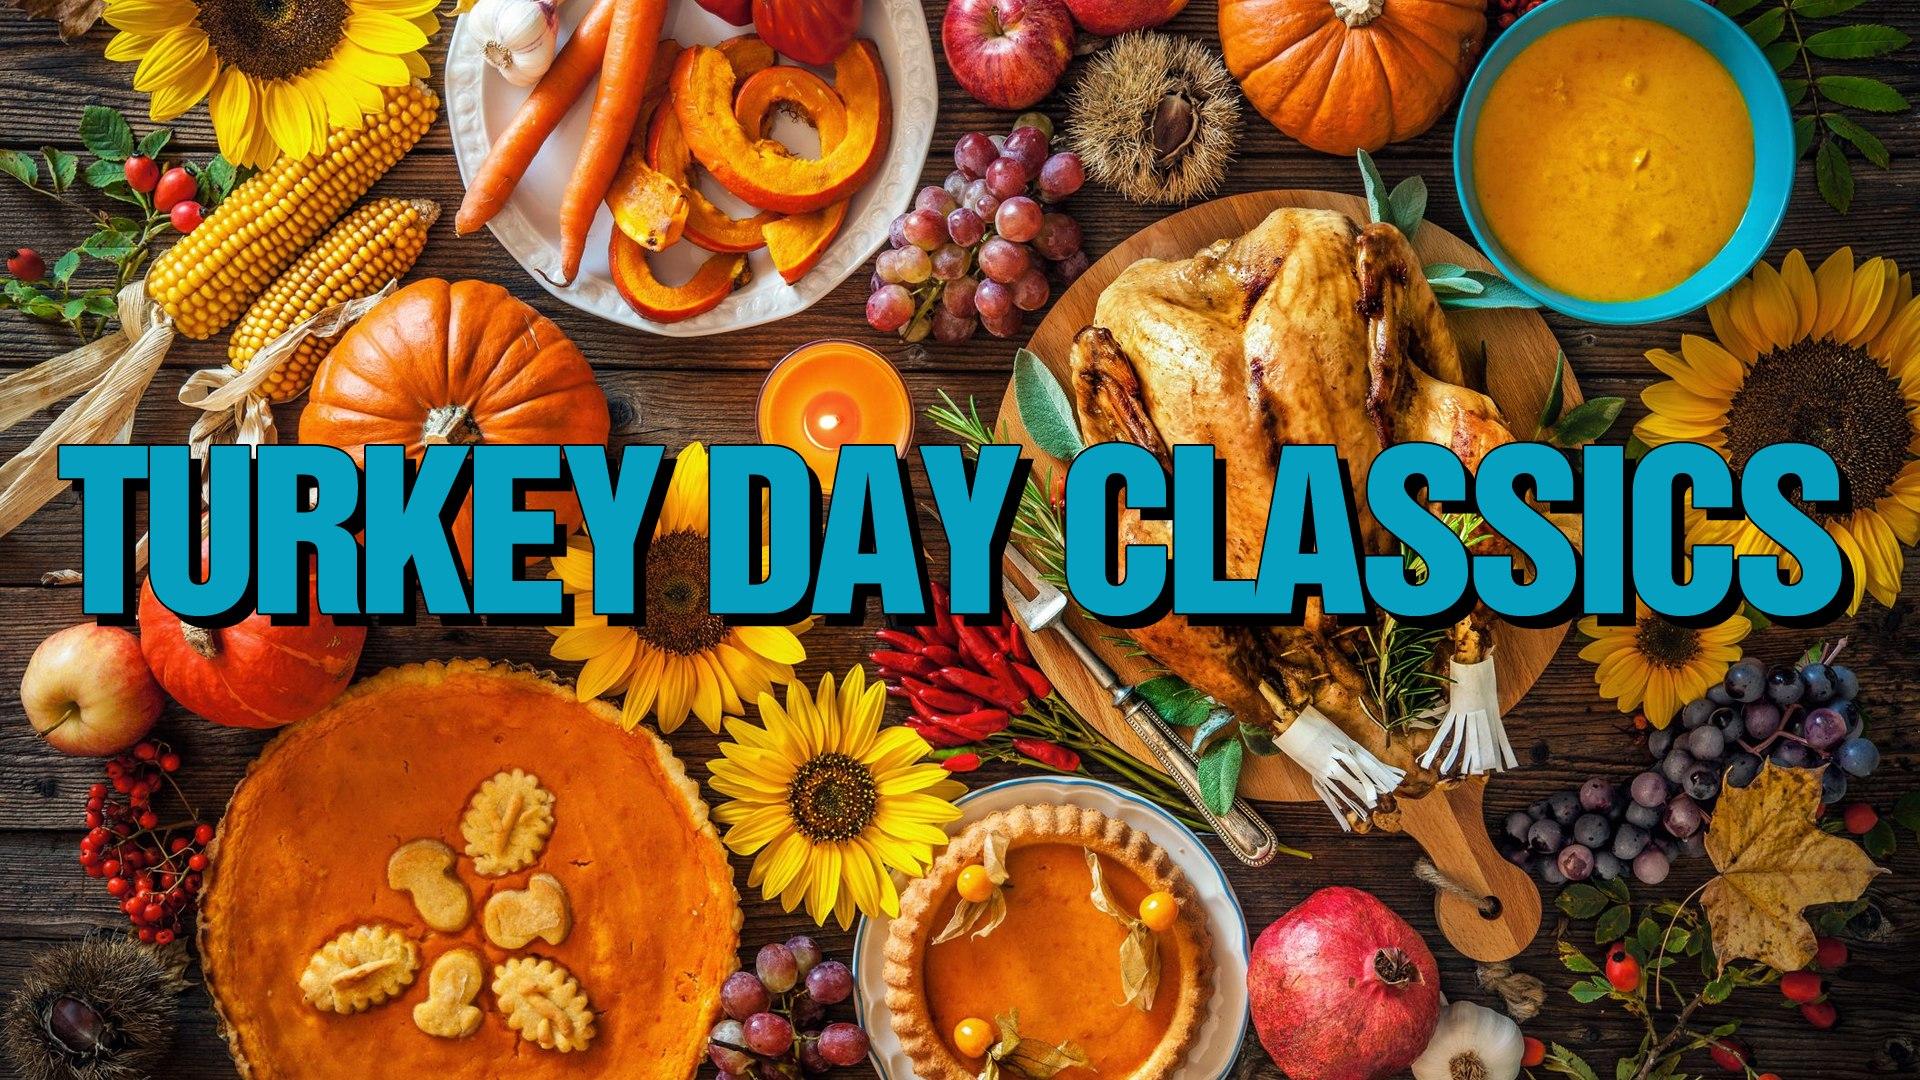 Turkey Day Classics - (Comedy, Family, Short)